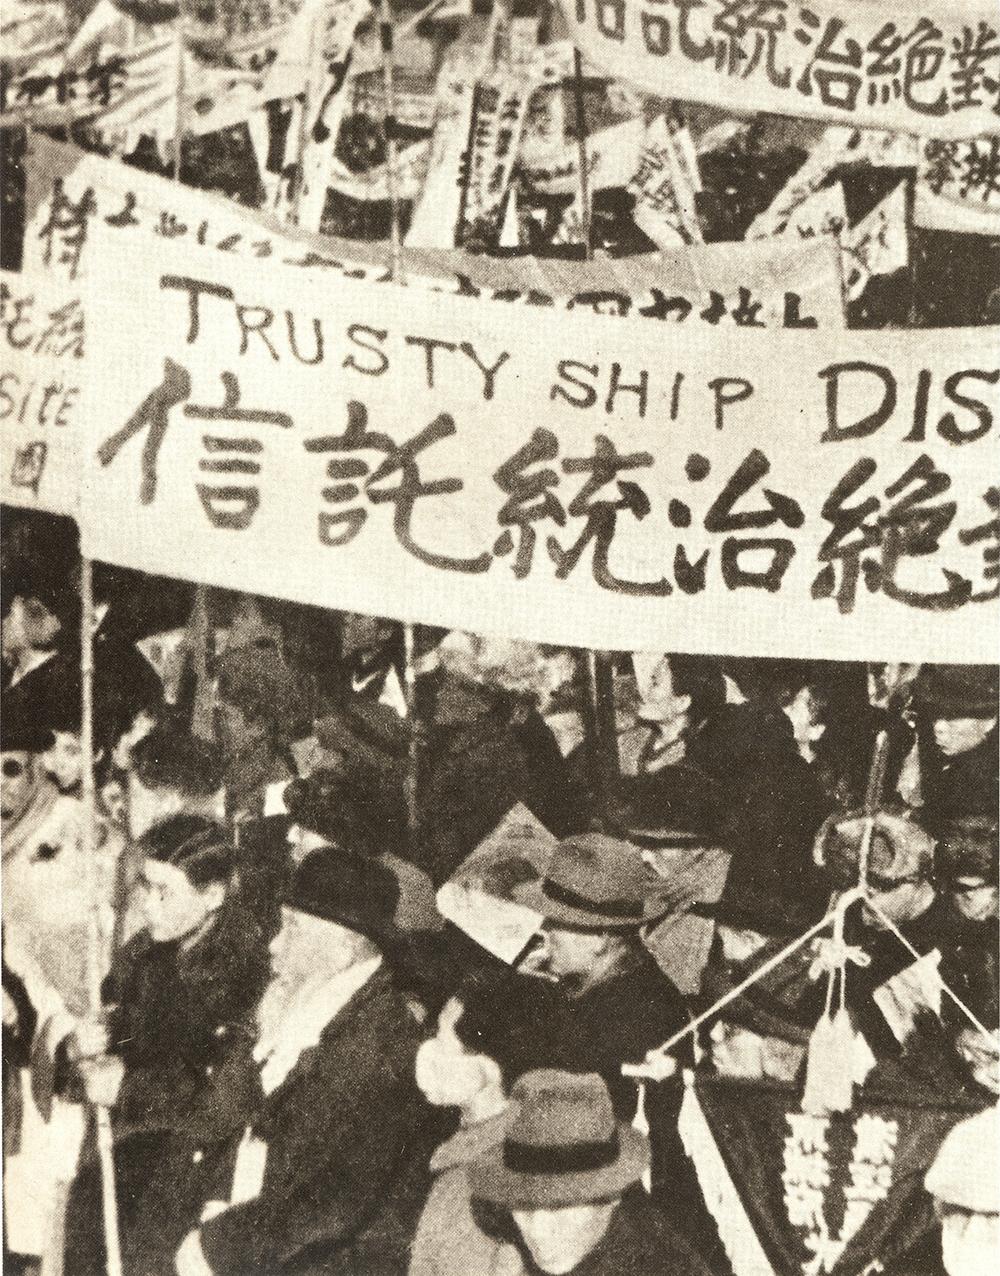 Korabeli gyámság-ellenes tüntetés Koreában. Kis helyesírási hibával. (Forrás: Wikipedia)